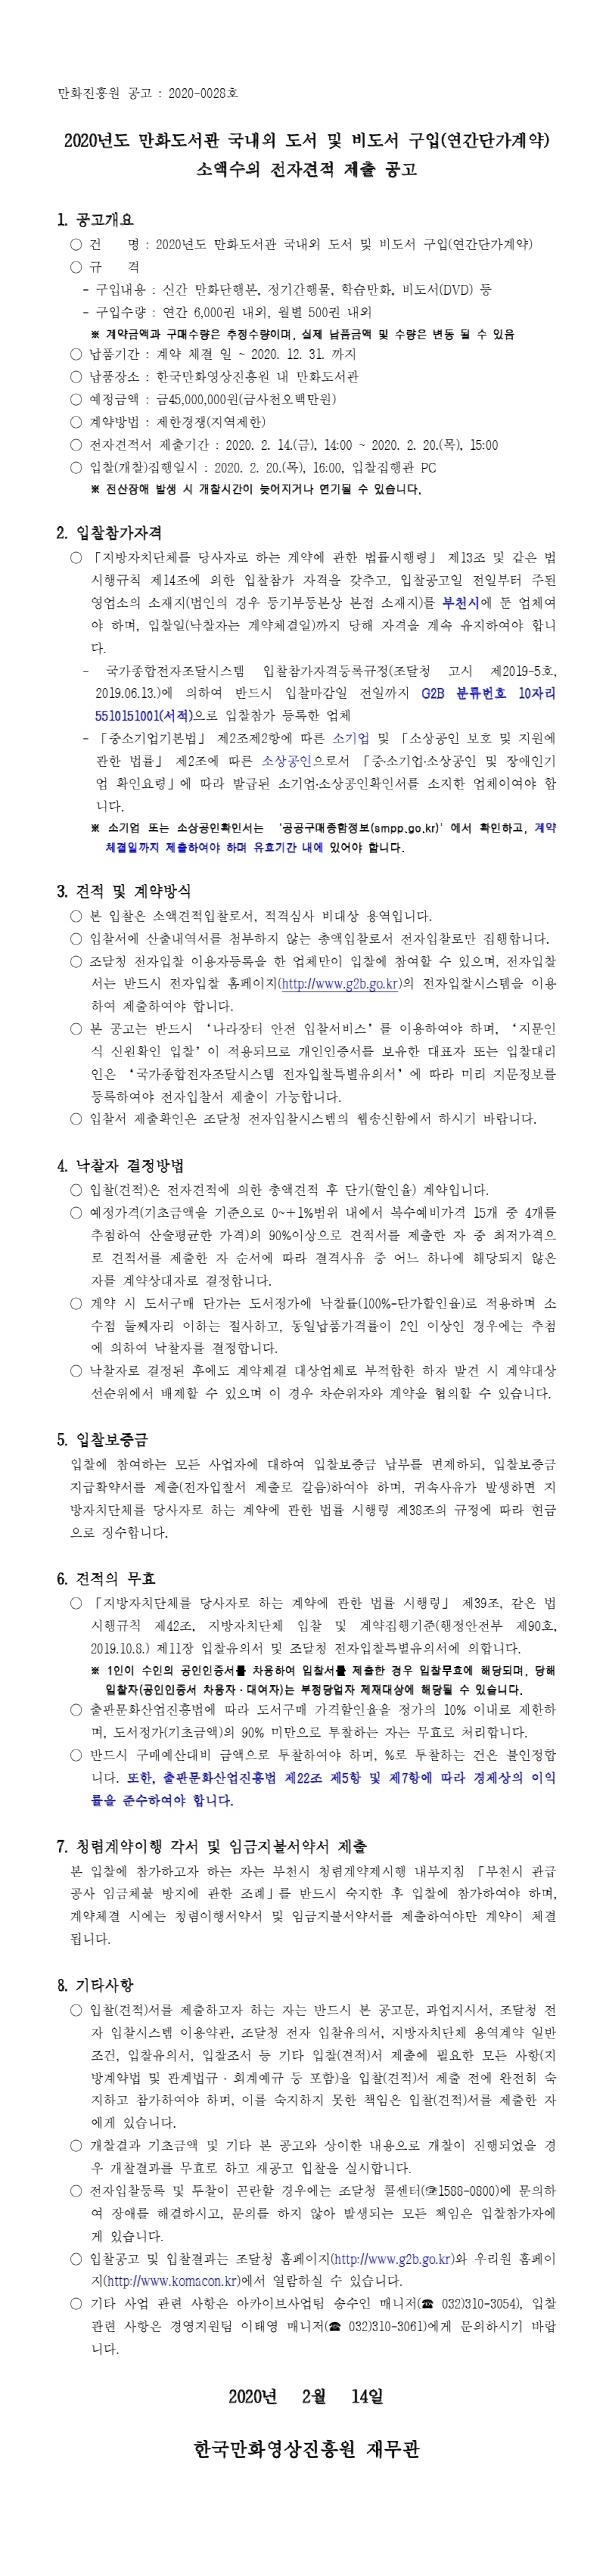 크기변환_200213공고서_도서관연간자료.pdf_page_1.jpg